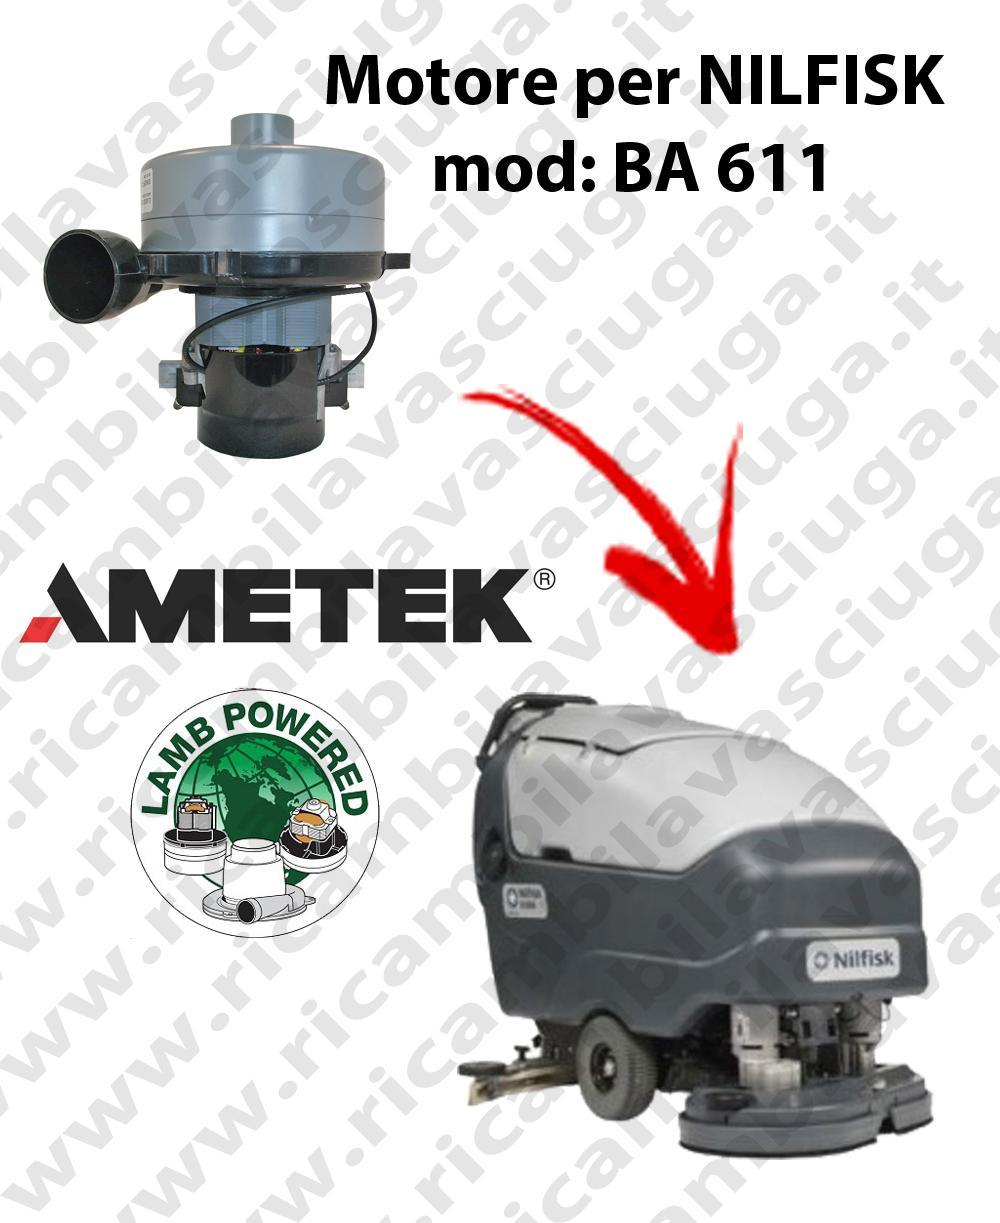 BA 611 Motore de aspiración LAMB AMETEK para fregadora NILFISK